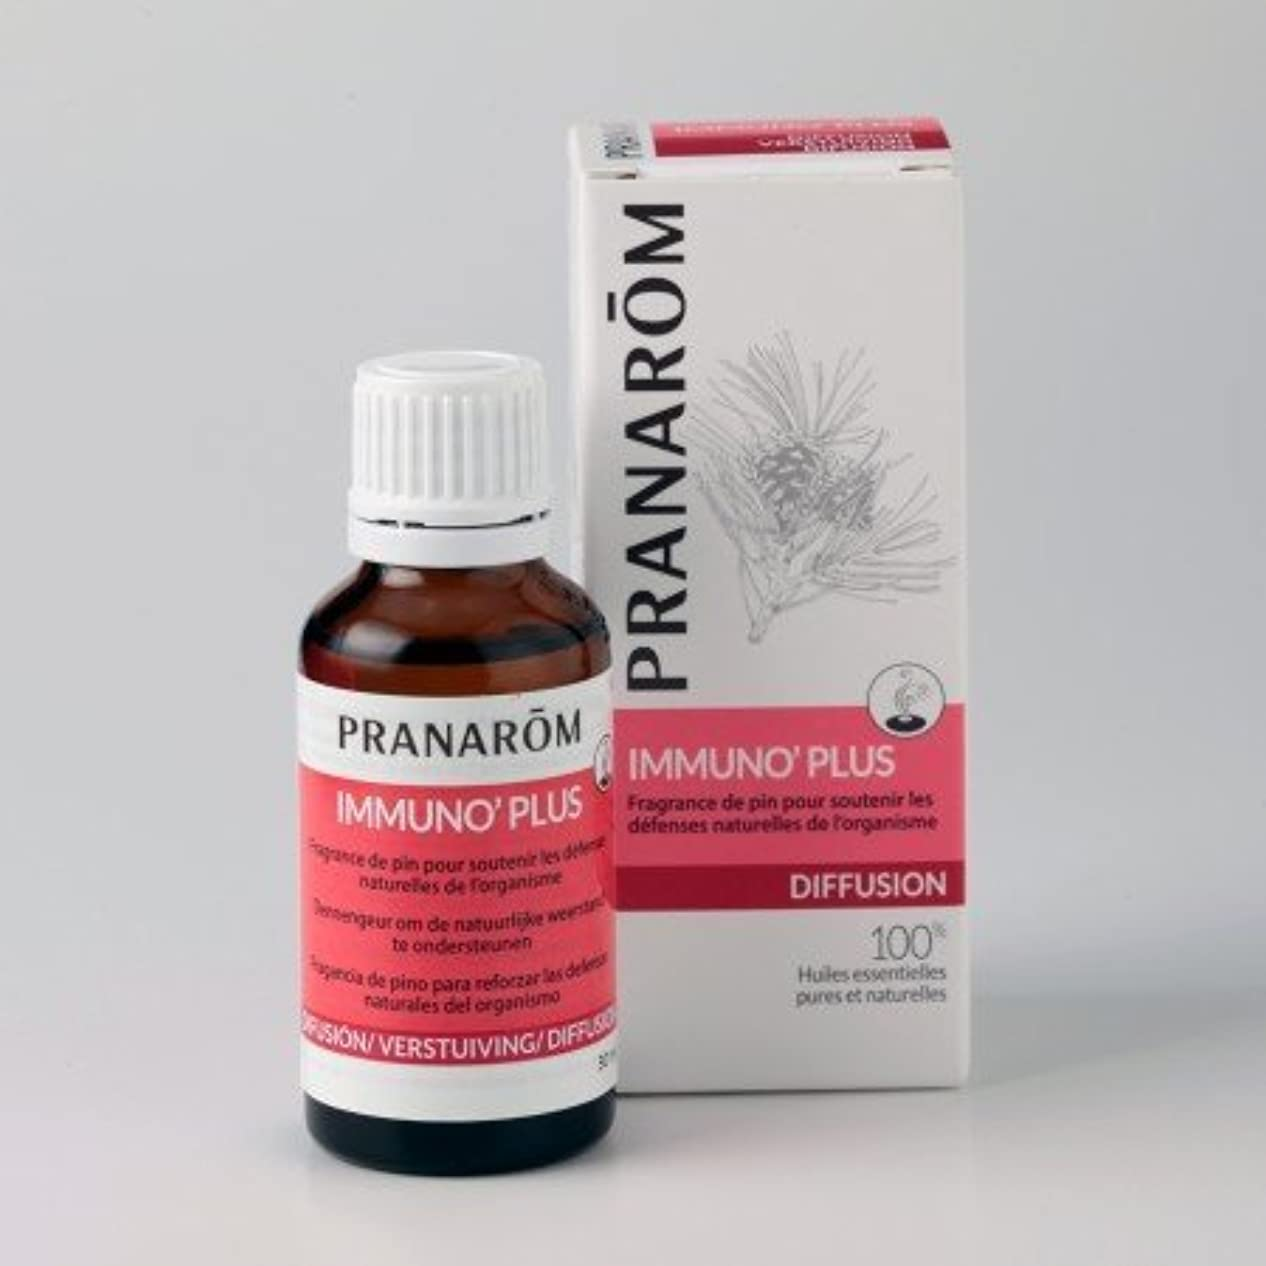 クマノミ同情グリースプラナロム (PRANAROM) ルームコロン パワーアップ&チアアップ イミュノプラス 30ml 02589 エアフレッシュナー (芳香剤)